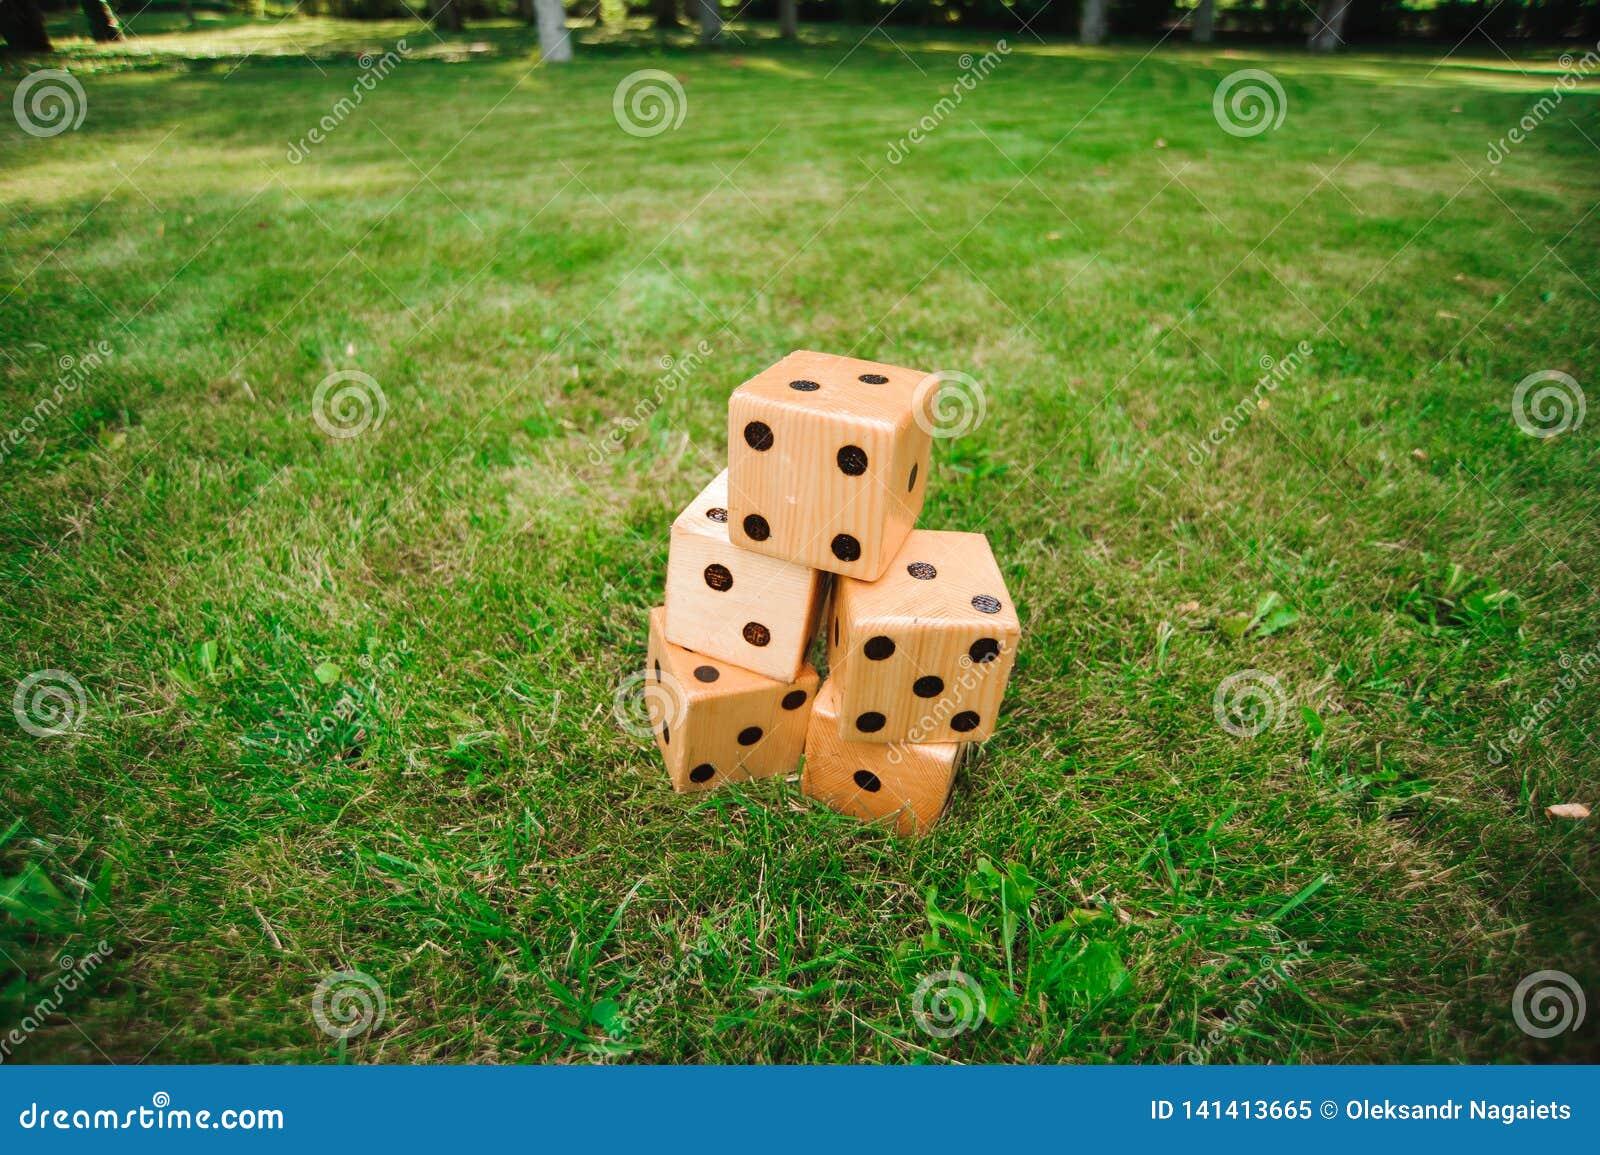 Juegos al aire libre - grandes corta en cuadritos, juego al aire libre gigante en hierba verde